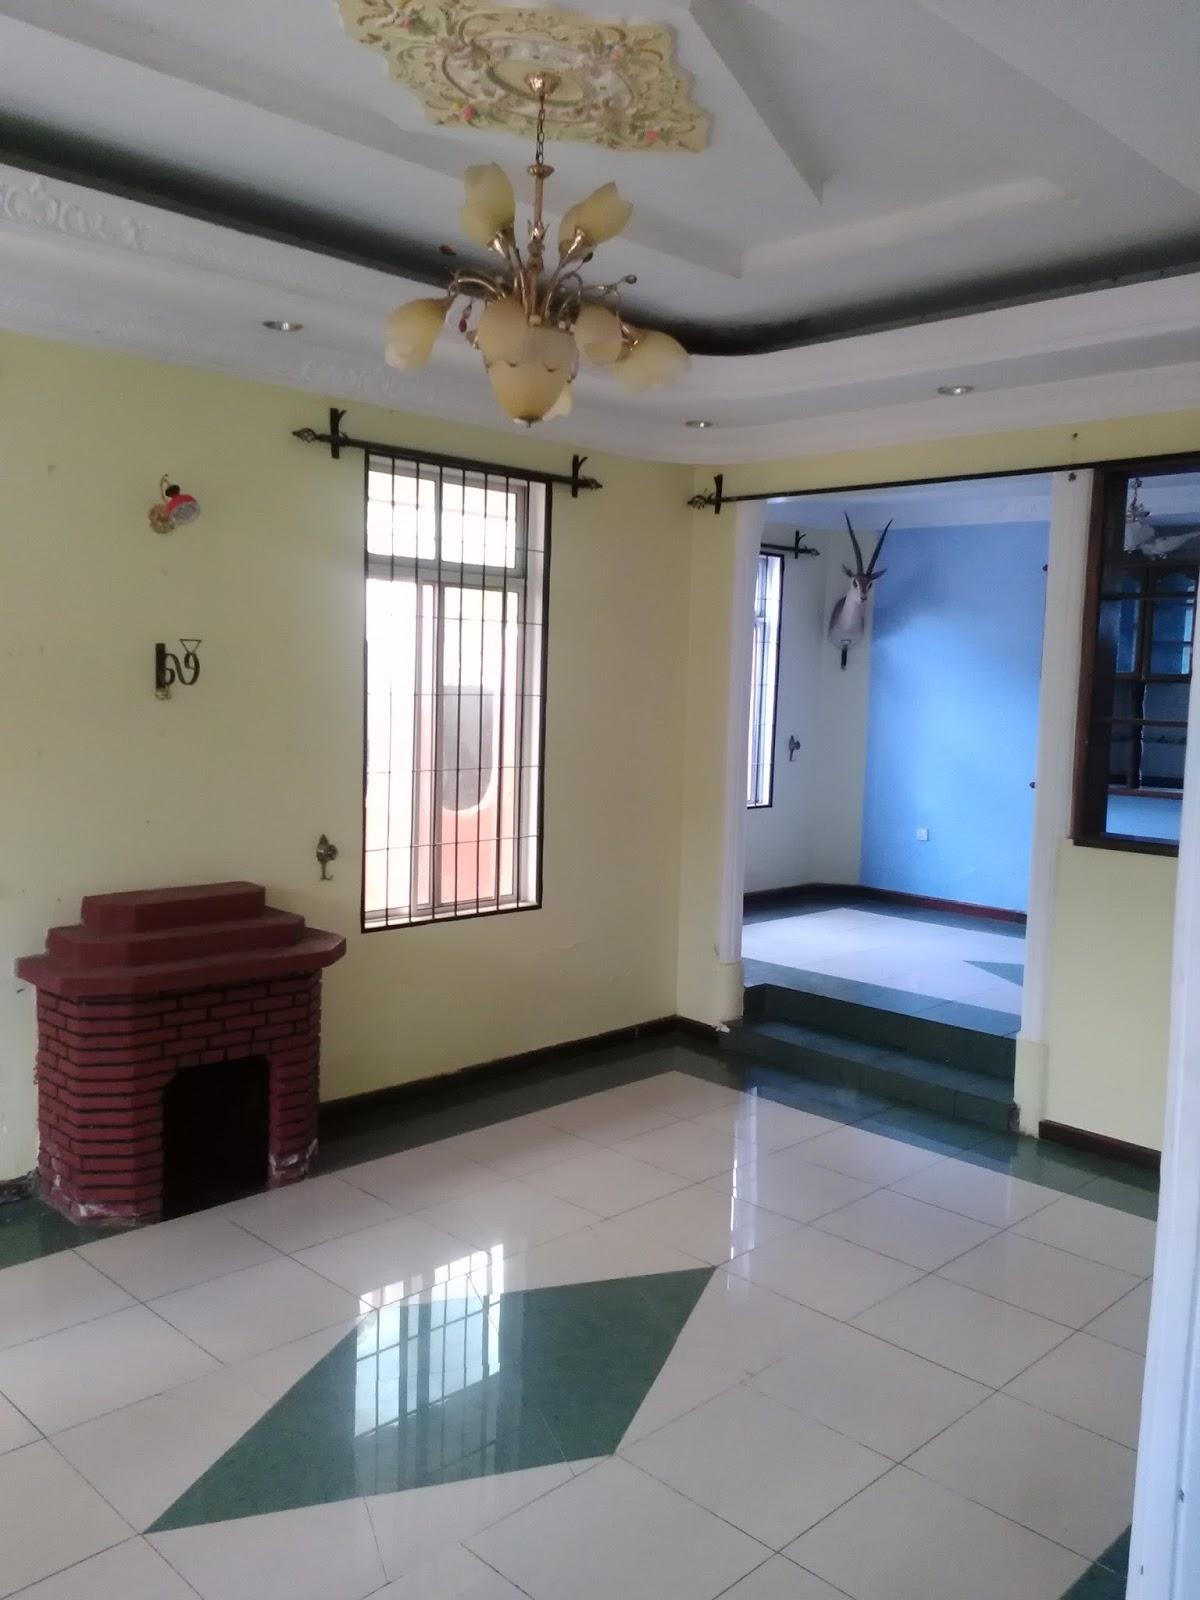 Bedroom Furniture For Sale In Nairobi